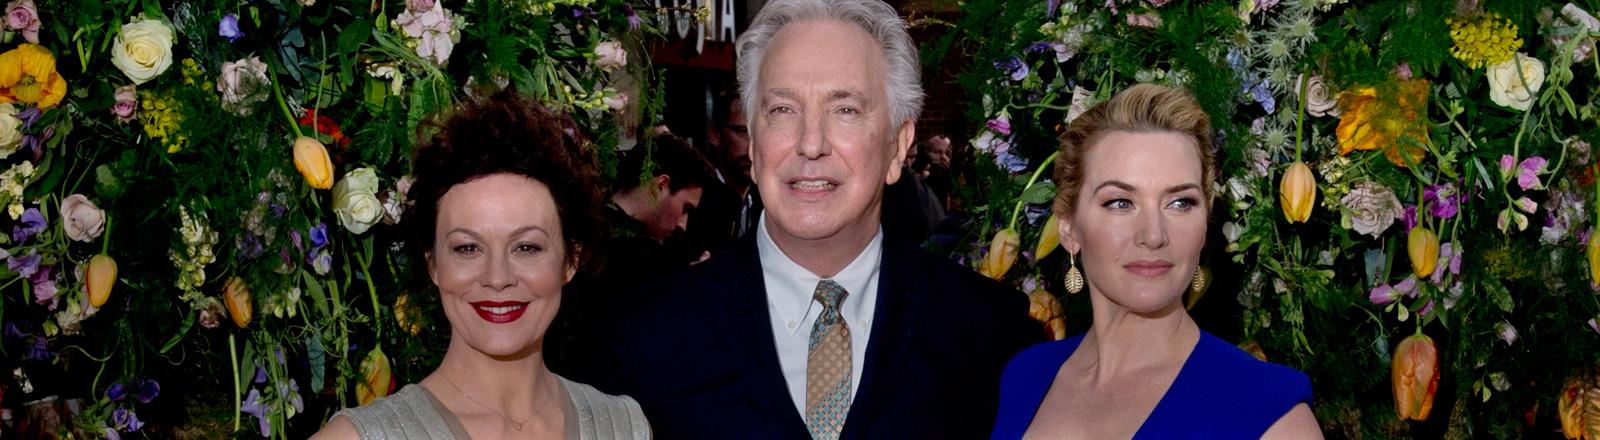 """Die Schauspieler Helen McCrory (L), Alan Rickman (C) und Kate Winslet bei der Premiere von """"Die Gärtnerin von Versailles"""" in London."""